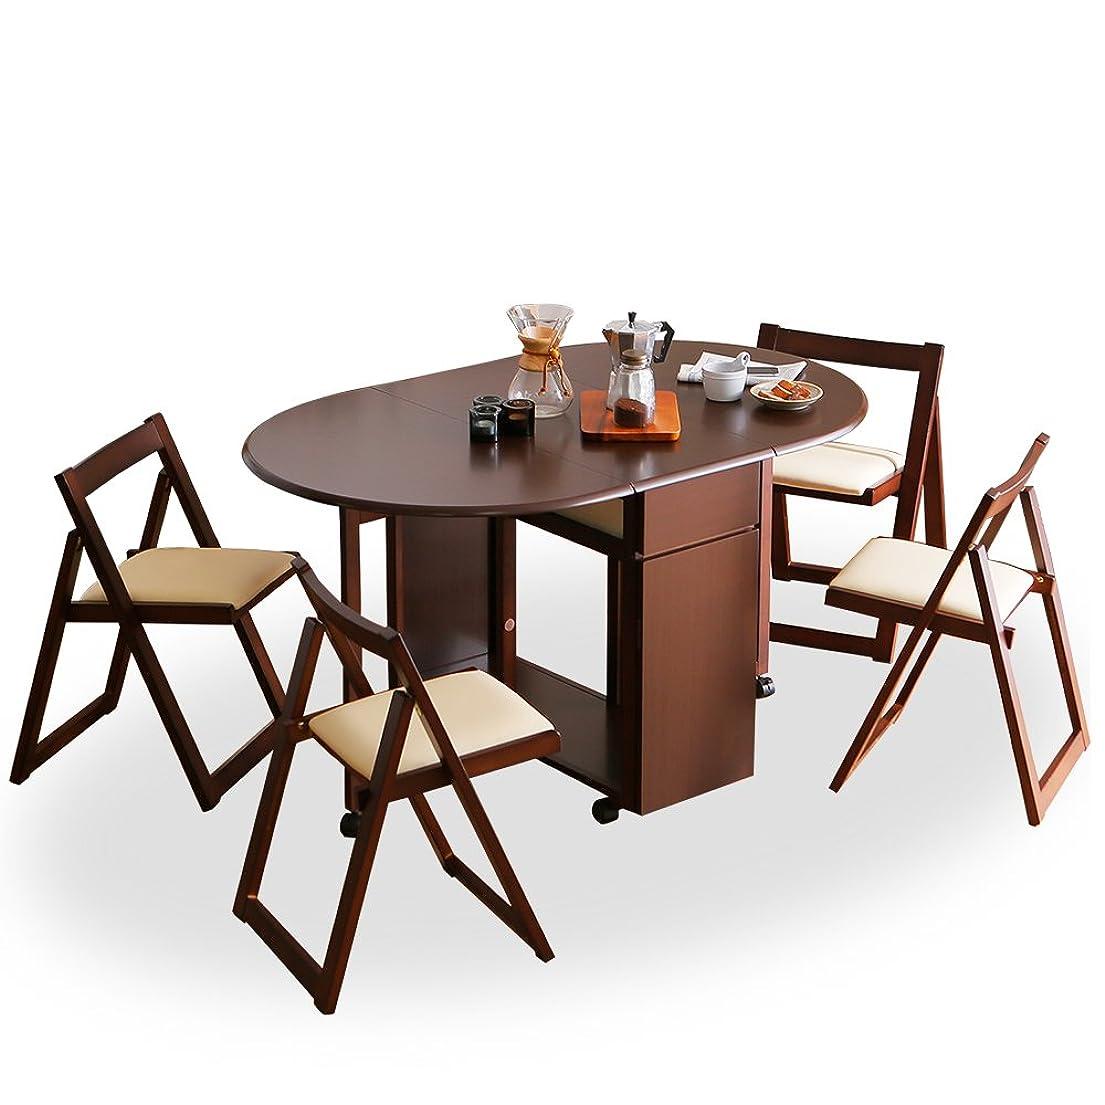 リンスバッテリー蘇生するLOWYA ダイニングテーブル 5点セット 完成品 伸縮 折り畳み コンパクトに収納 引き出し キャスター ブラウン おしゃれ 新生活